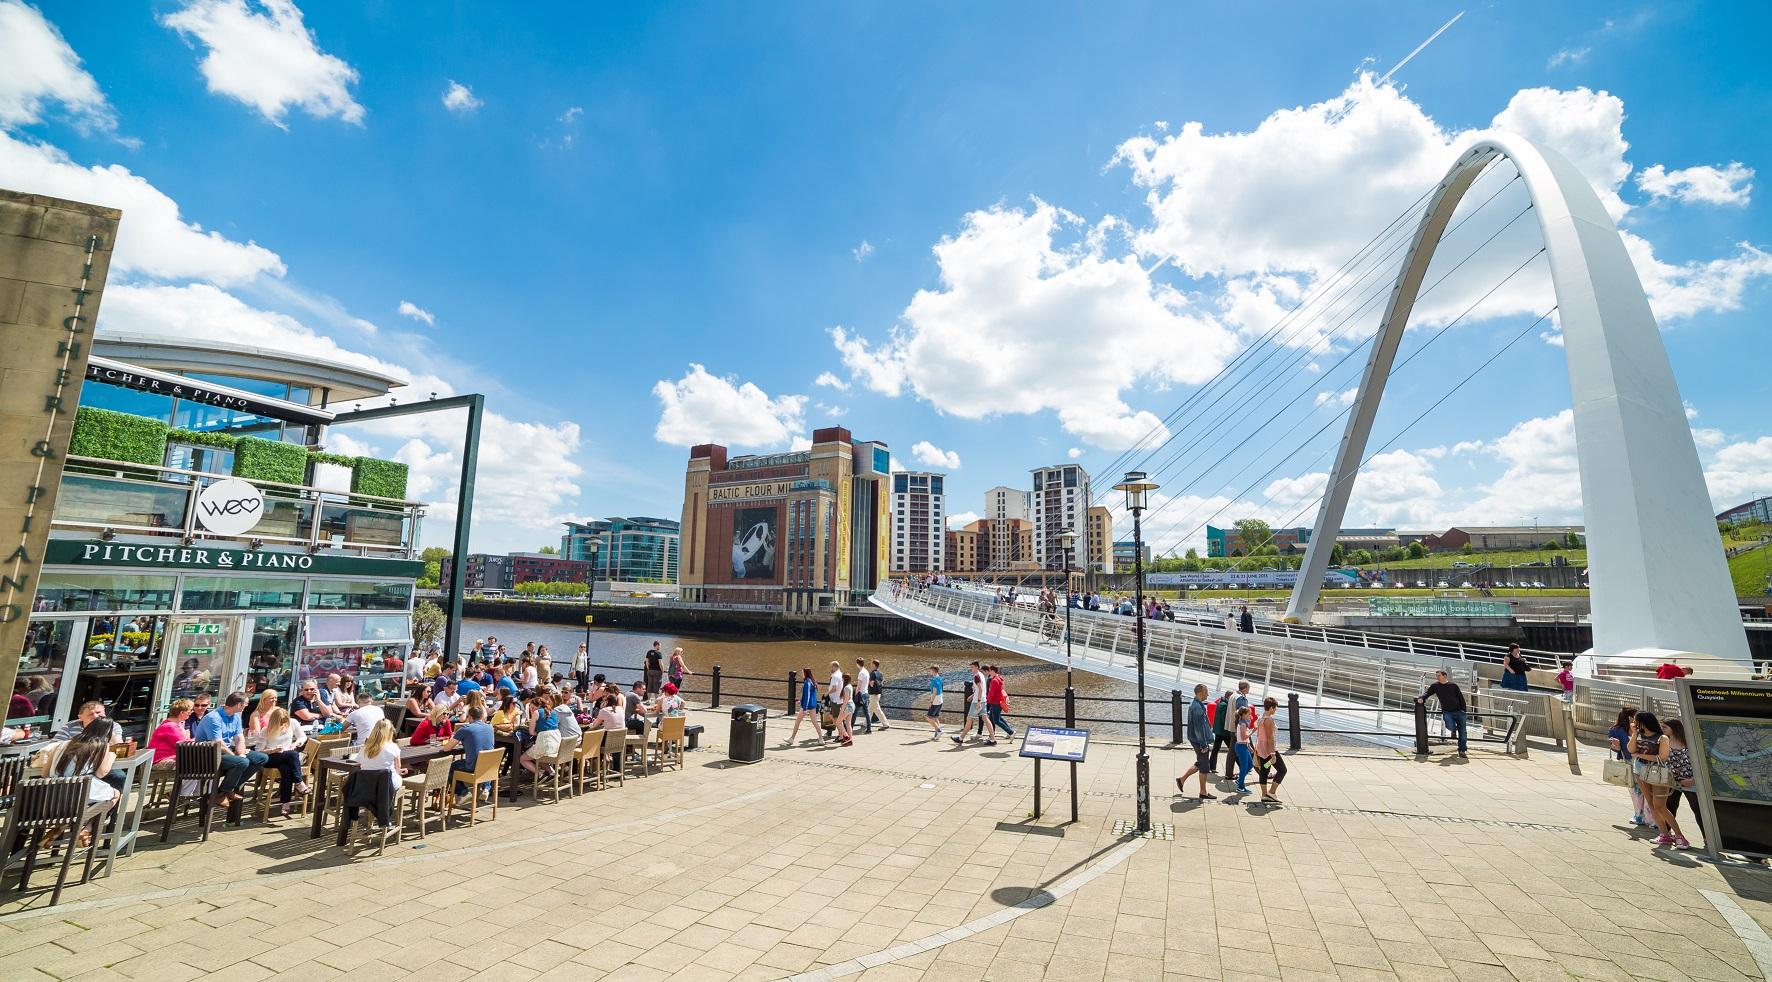 Newcastle zoals het er tegenwoordig uitziet